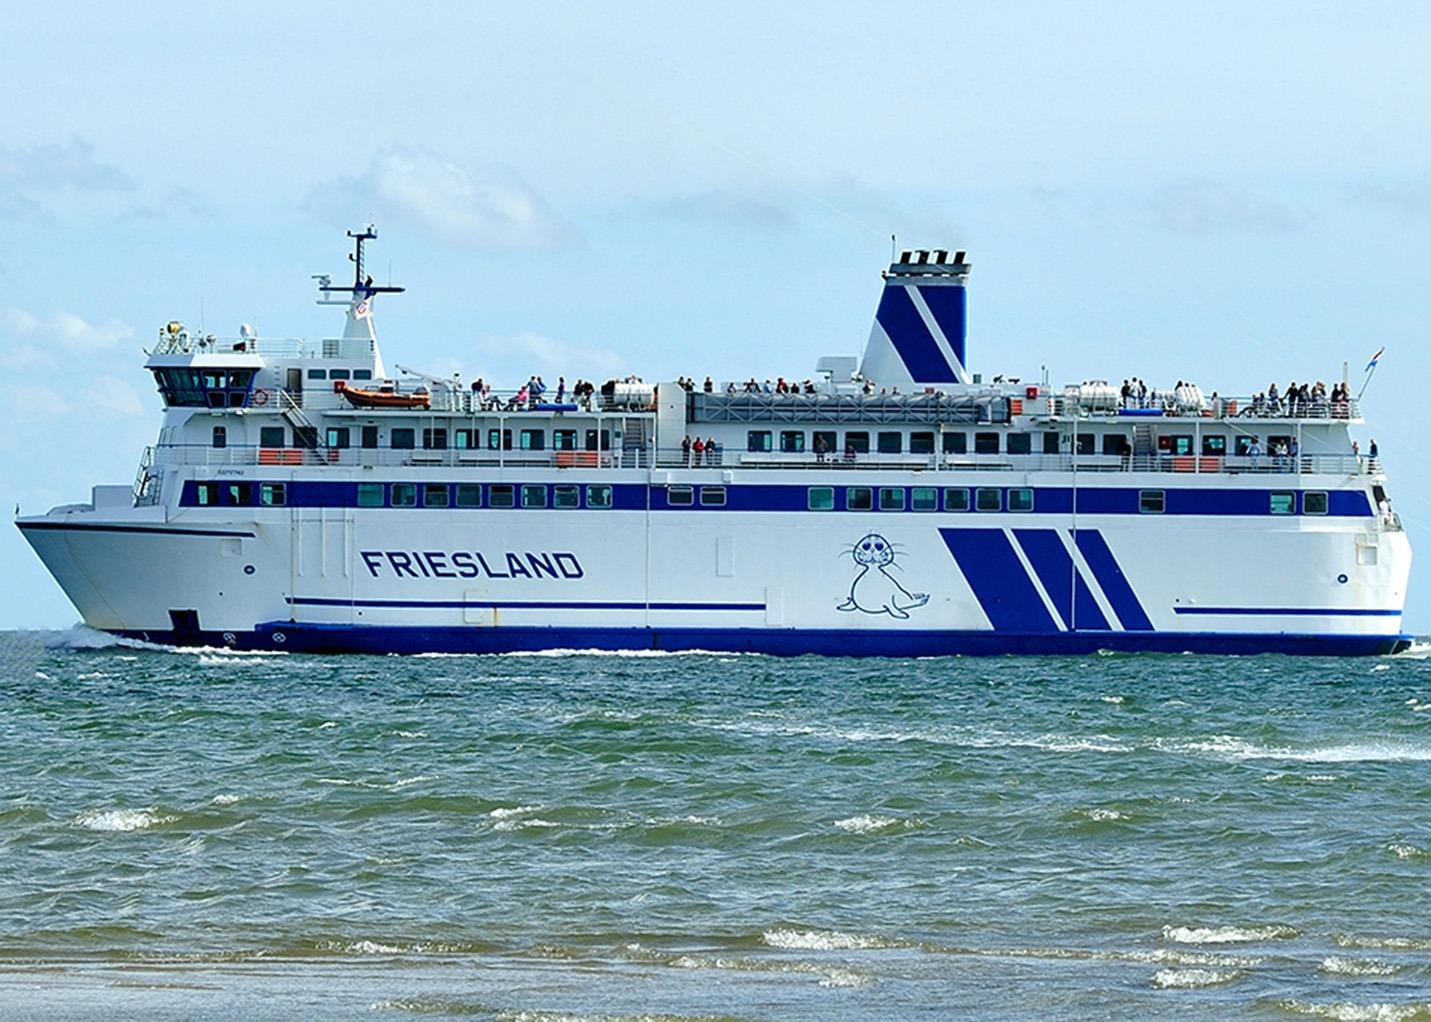 Veerdienst Ferries SFT160037 Rederij Doeksen Harlingen m.s. Friesland